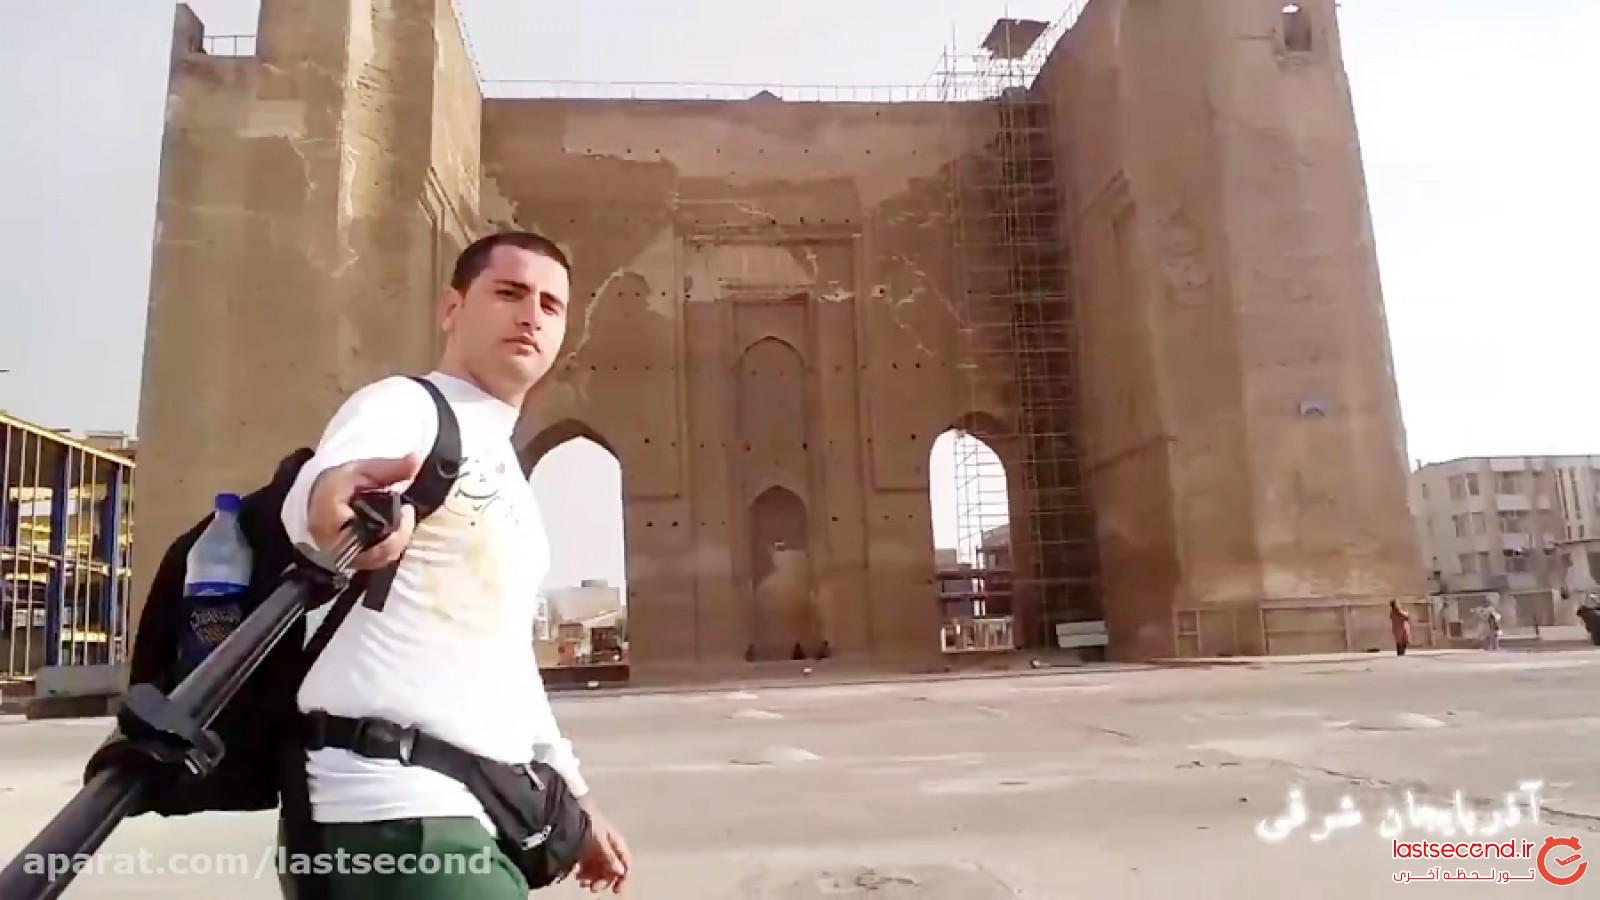 سلفی با آثار تاریخی 31 استان ایران در یک دقیقه